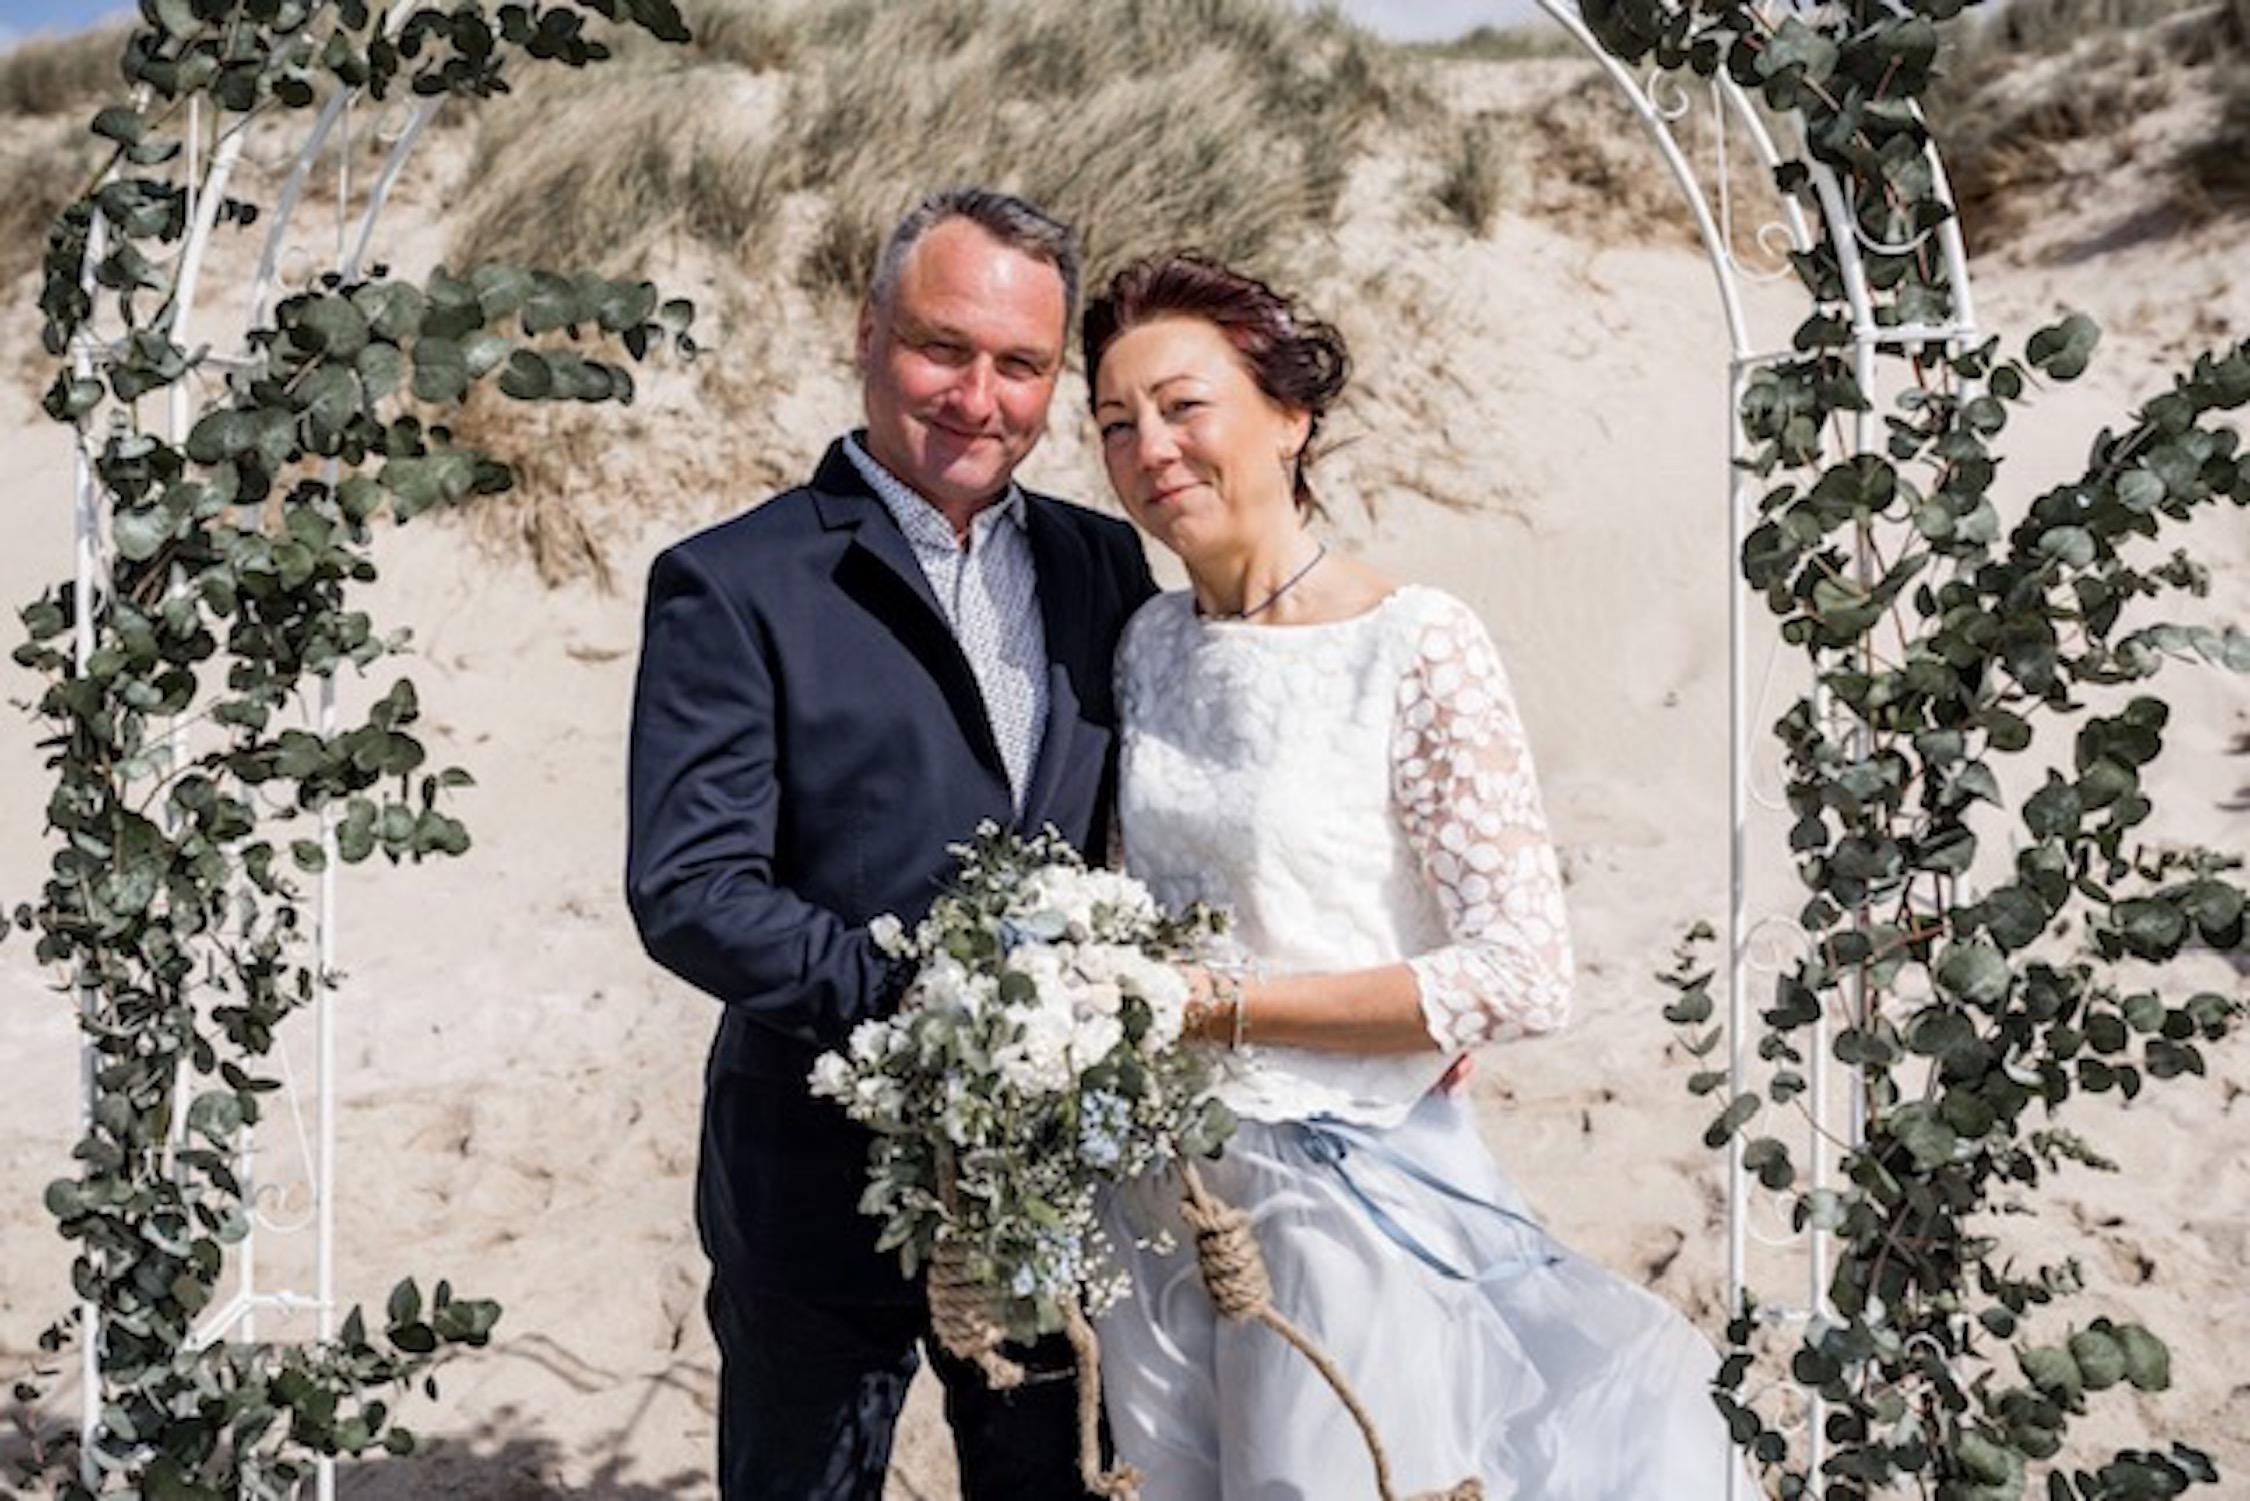 Hochzeitskleid-Kombi aus wadenlangem Tüllrock in Hellblau und Spitzentop (Foto: Sebastian Diedenhofen)